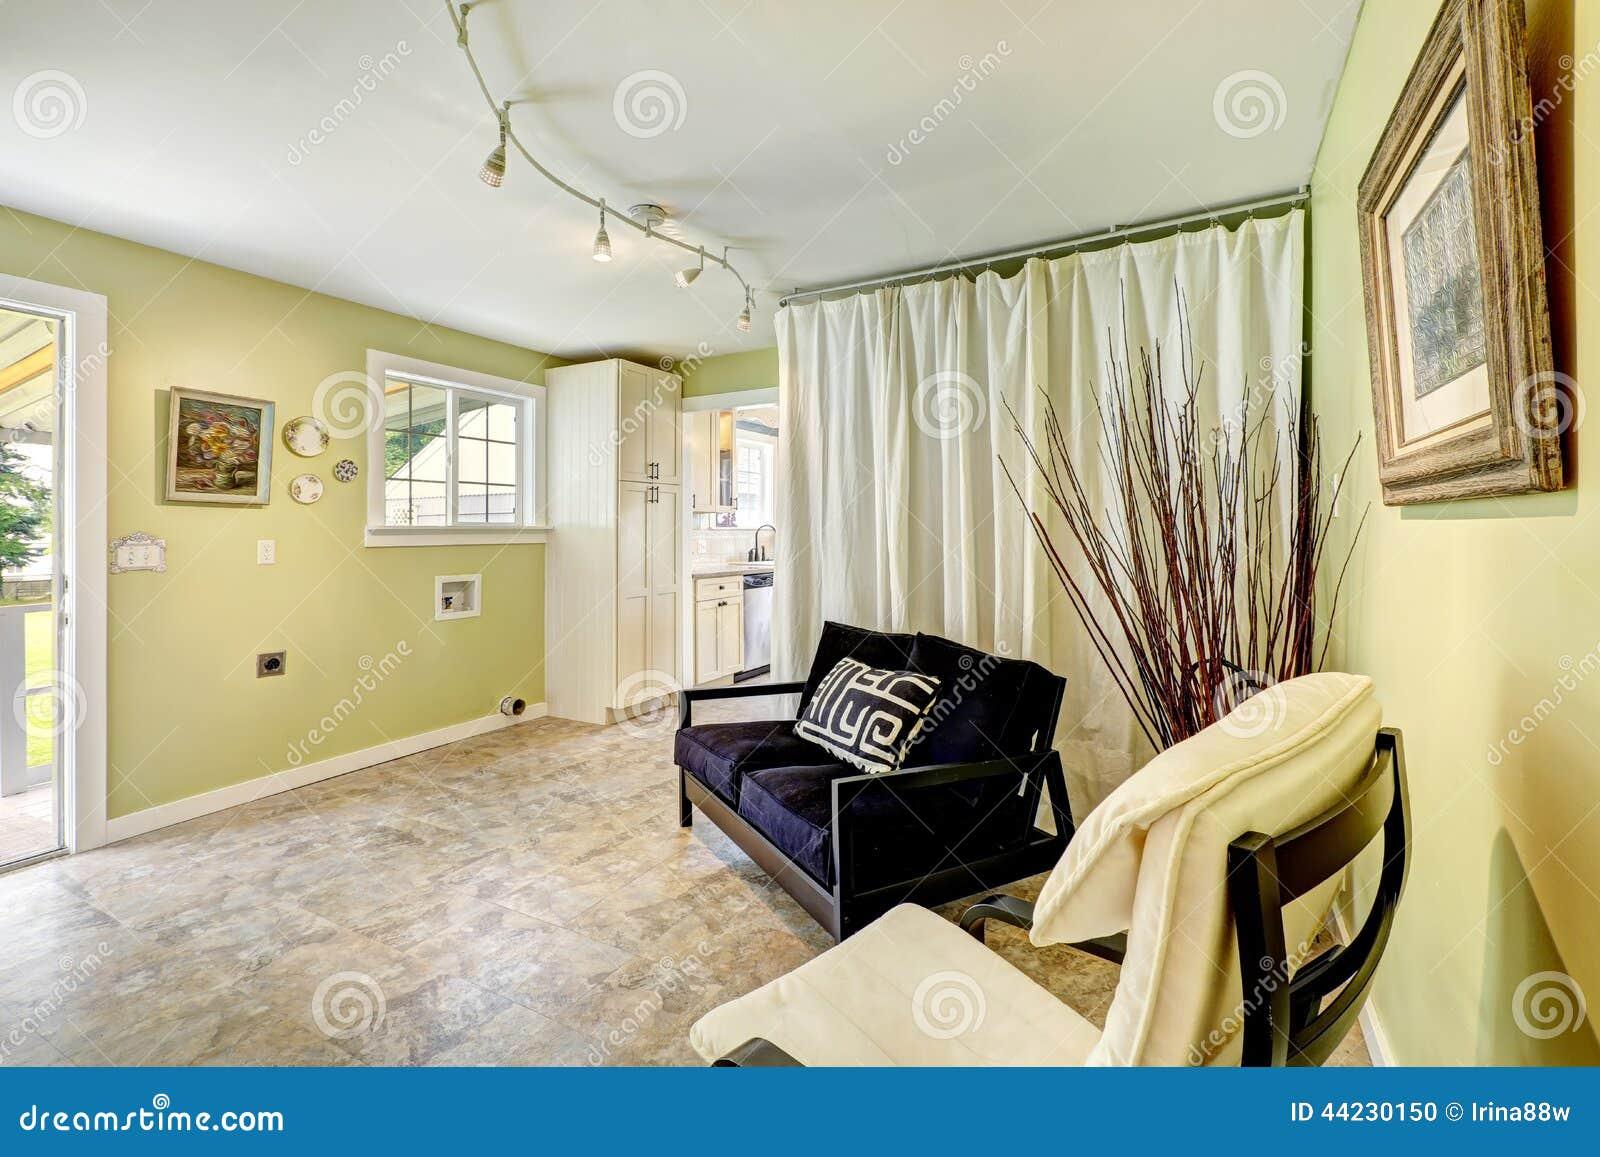 Salon noir avec rideau - Rideaux maison de campagne ...